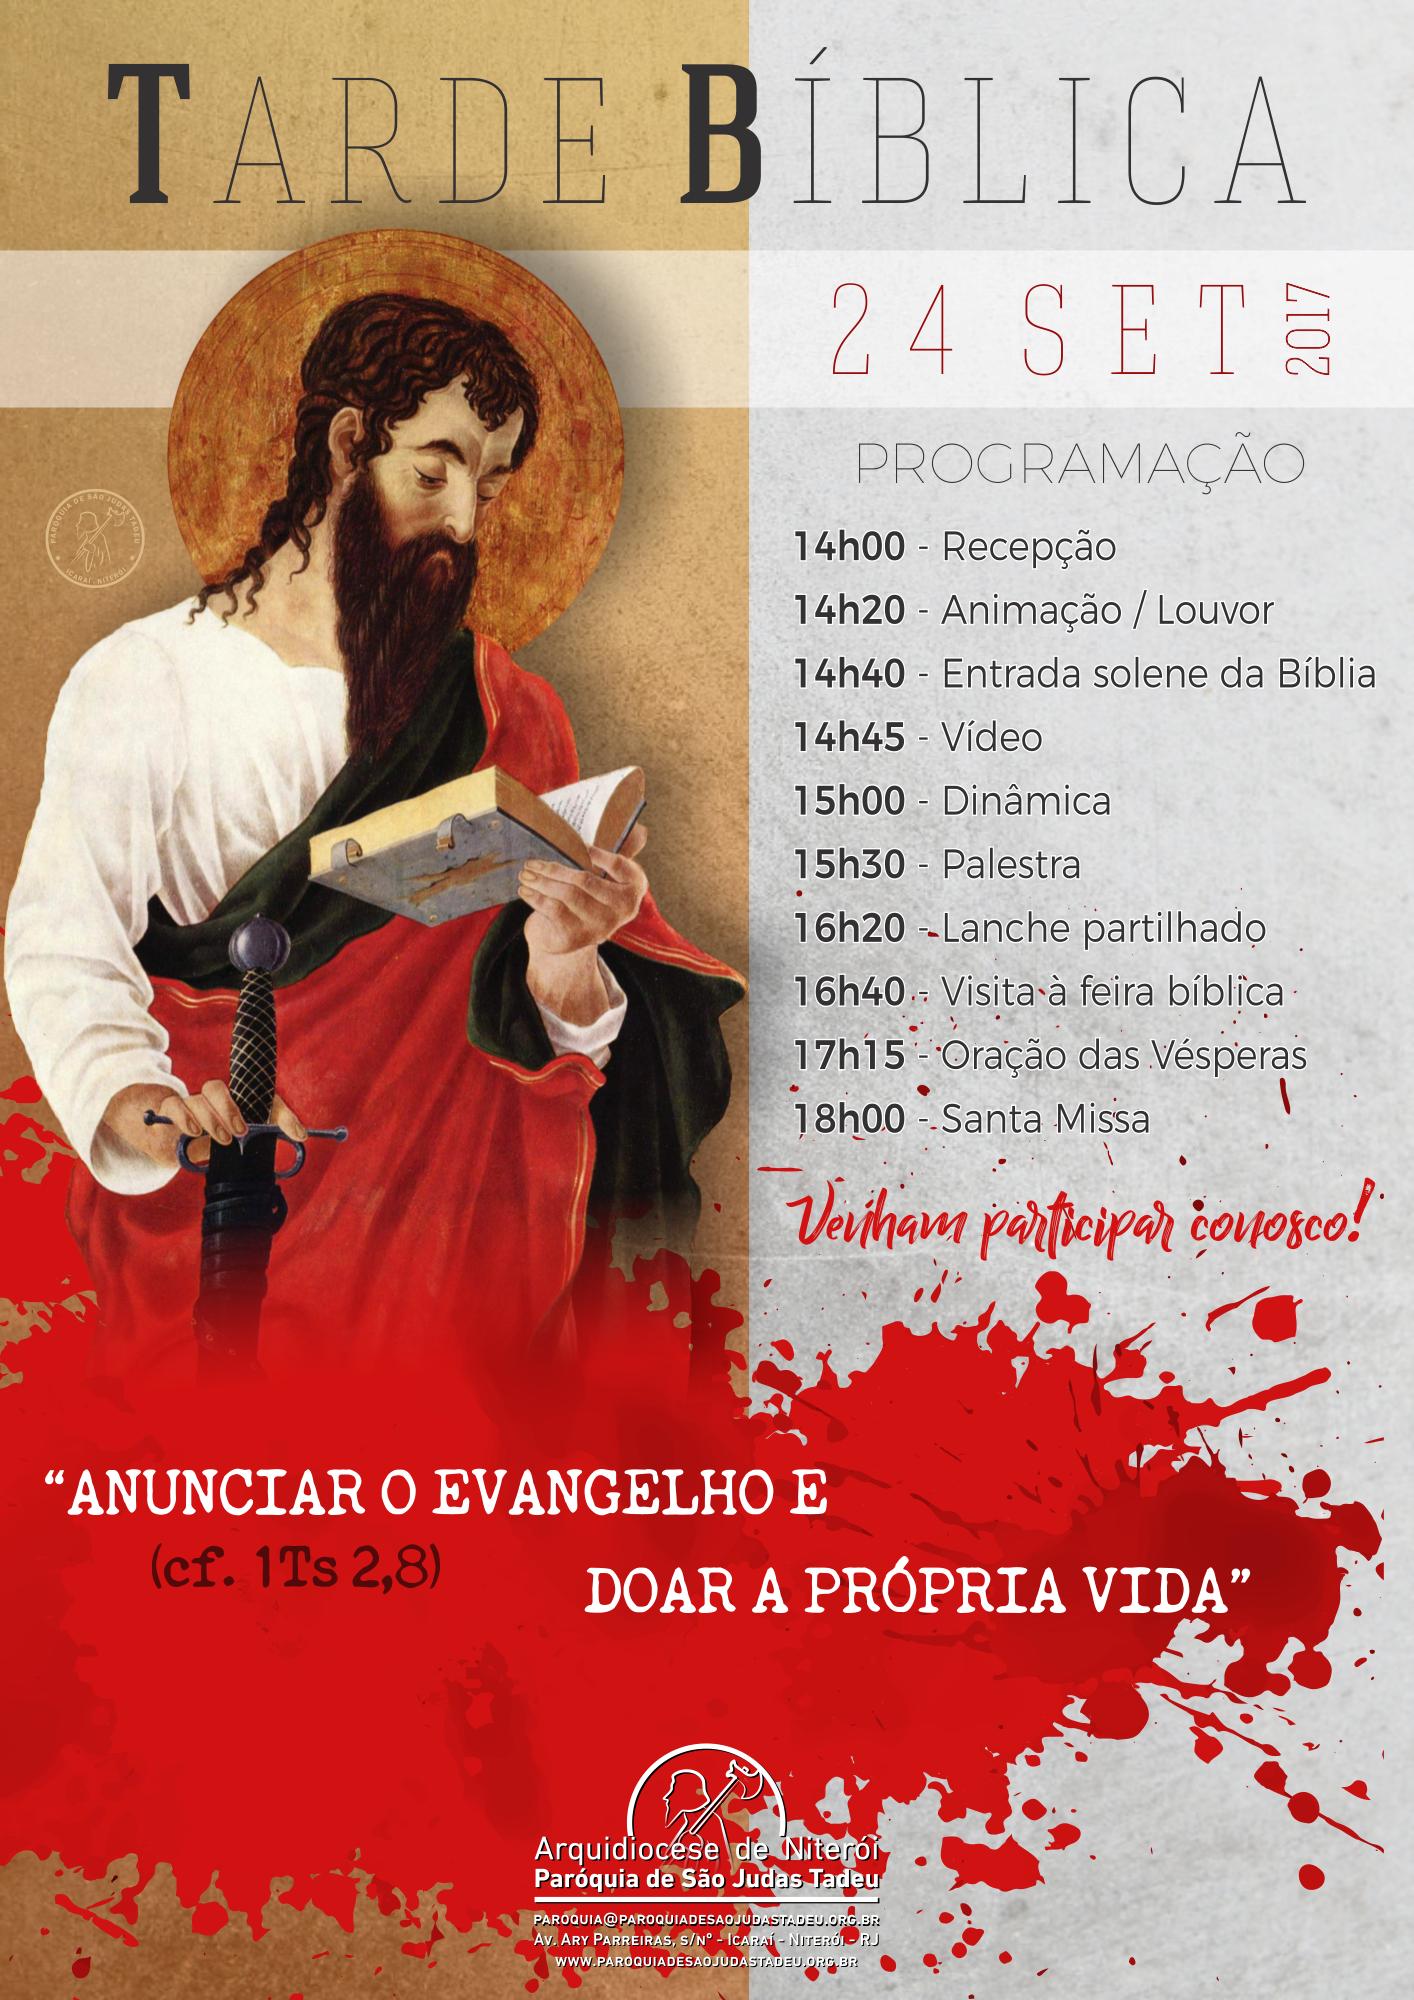 Tarde Bíblica 2017